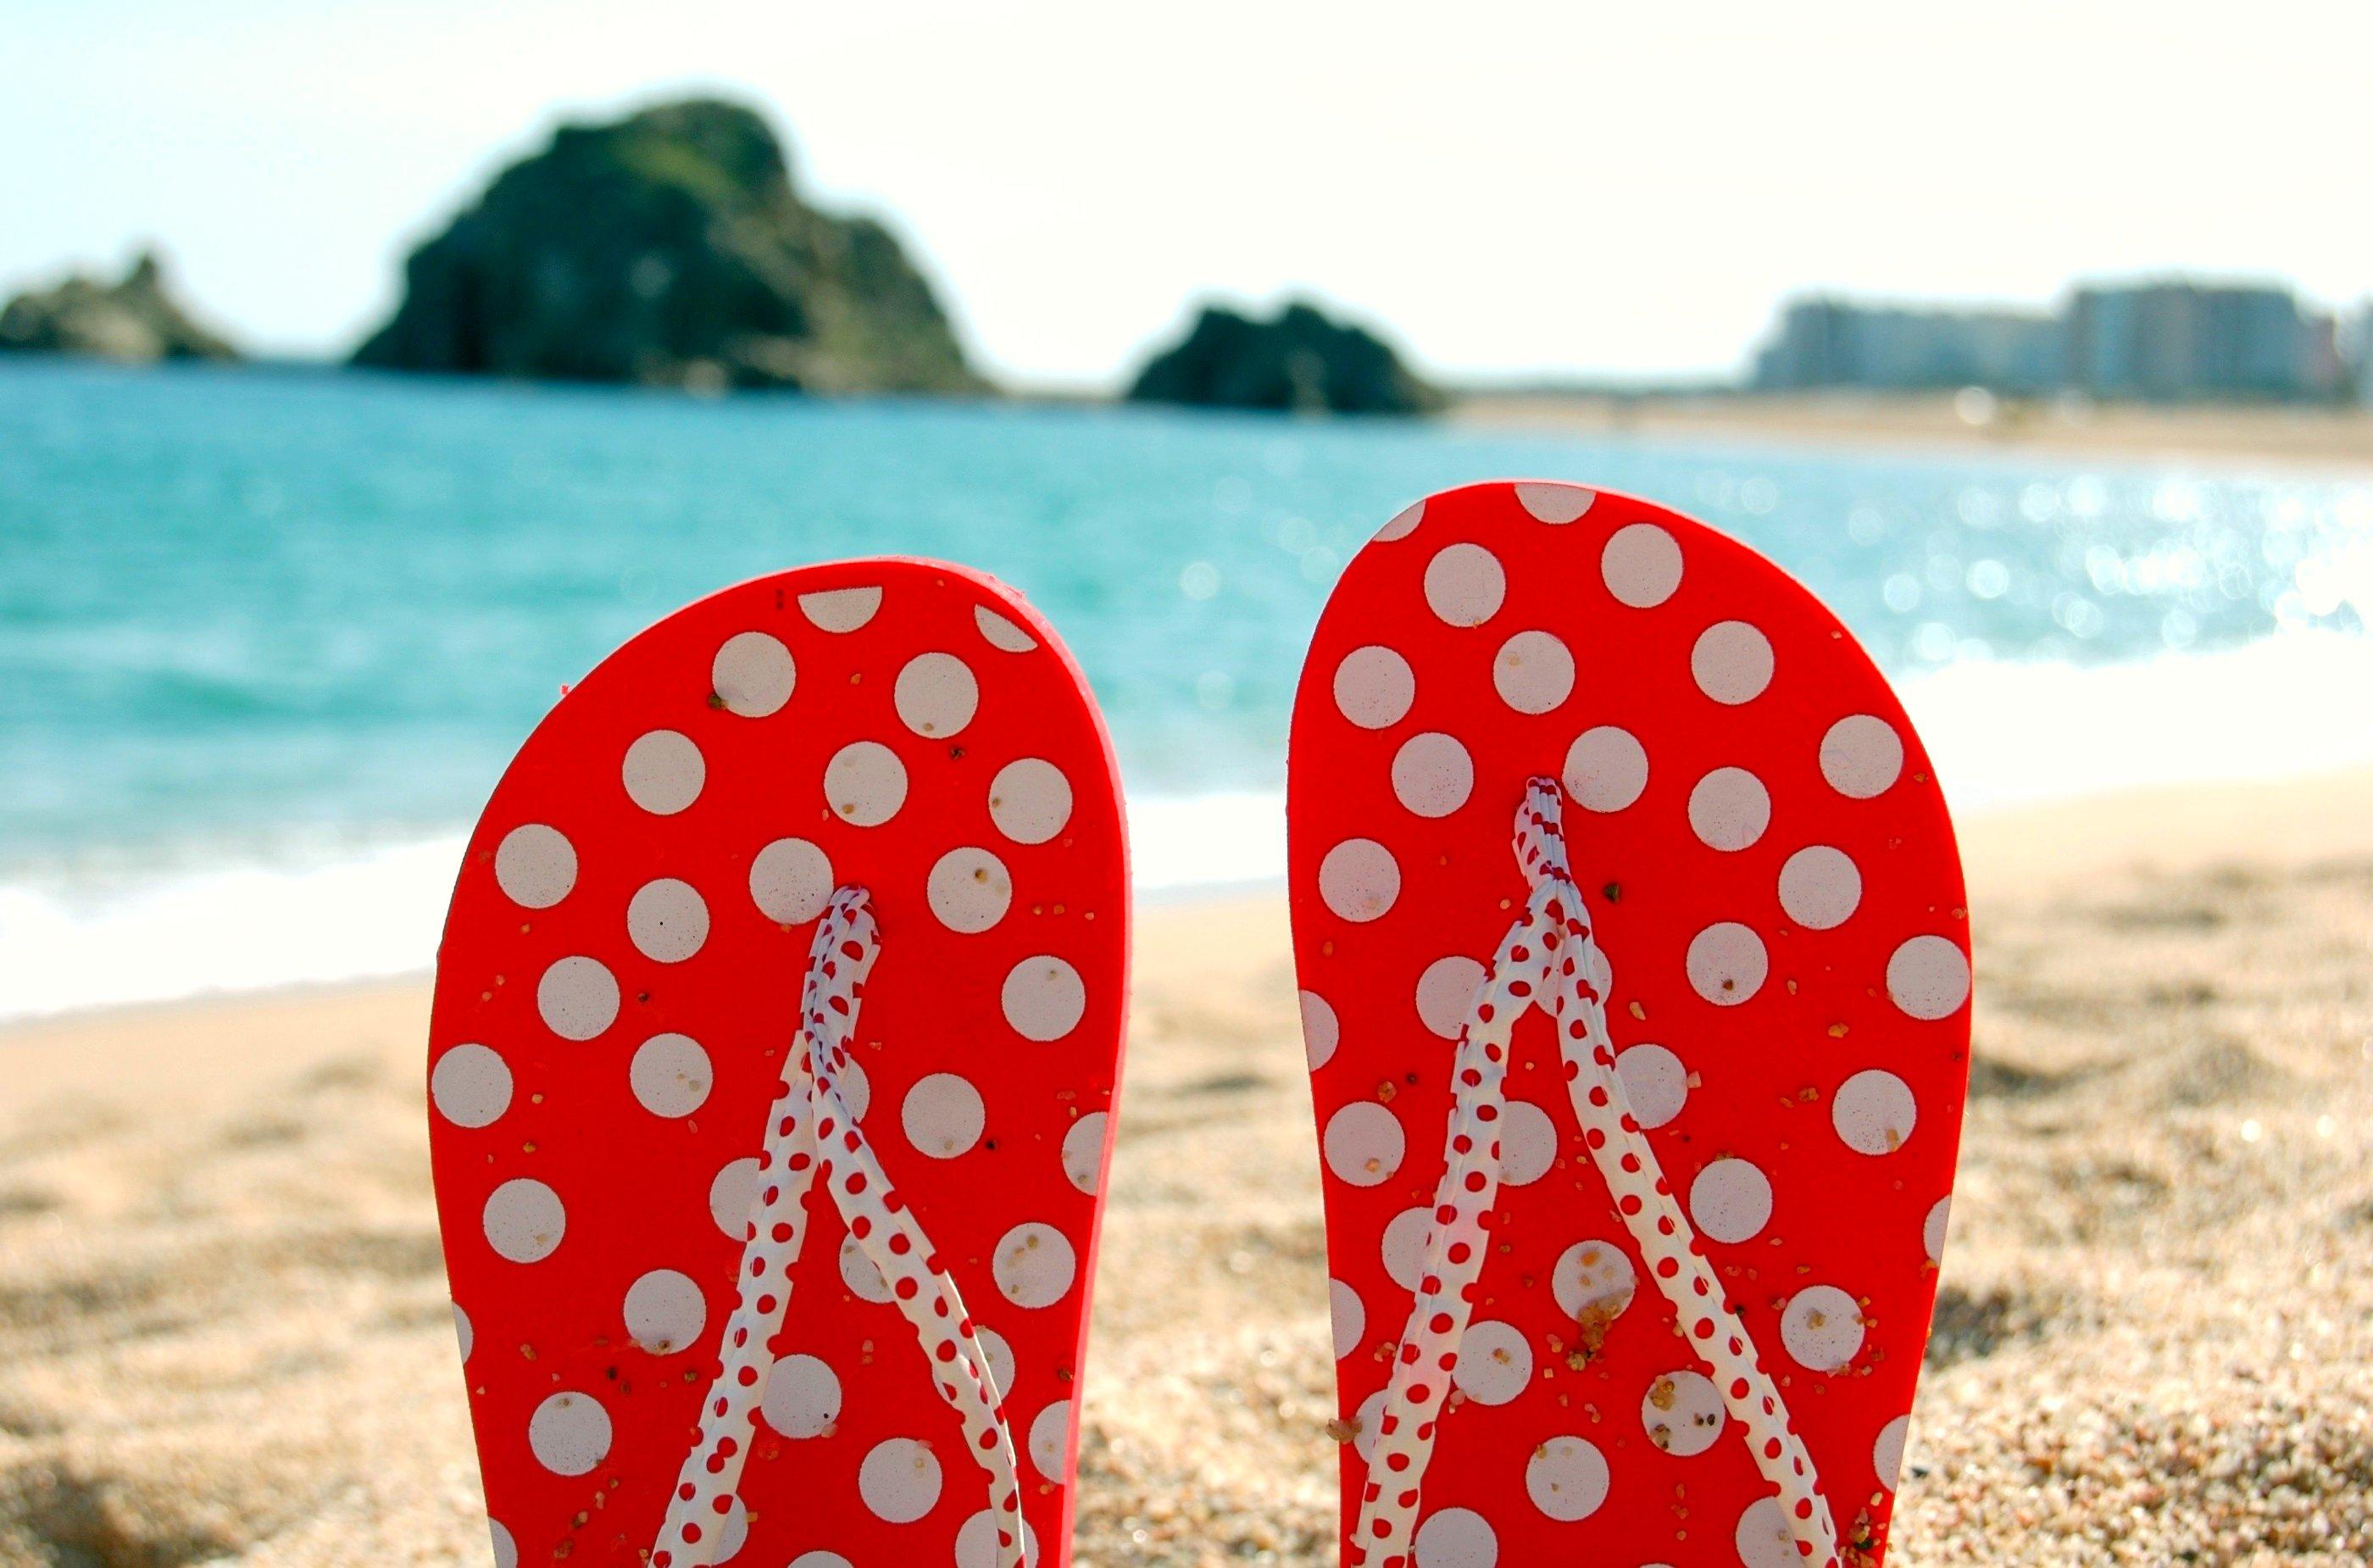 Thongs at the beach.